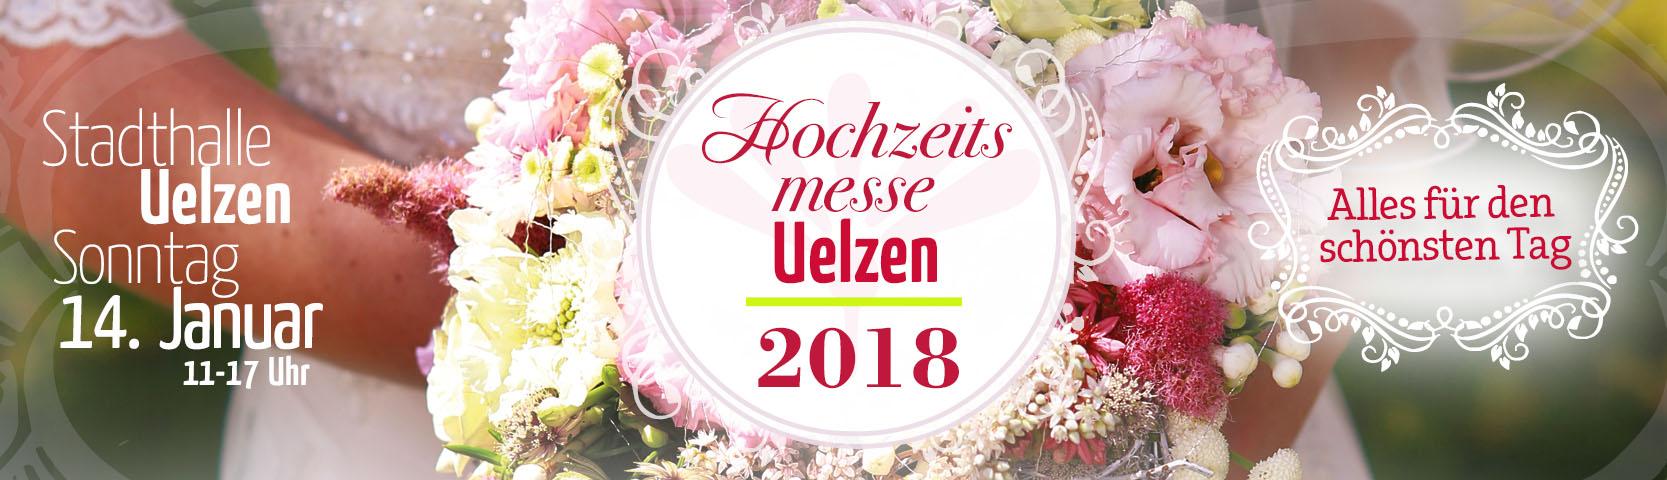 Hochzeitsmesse Uelzen für die Region Uelzen, Heide und Lüneburg